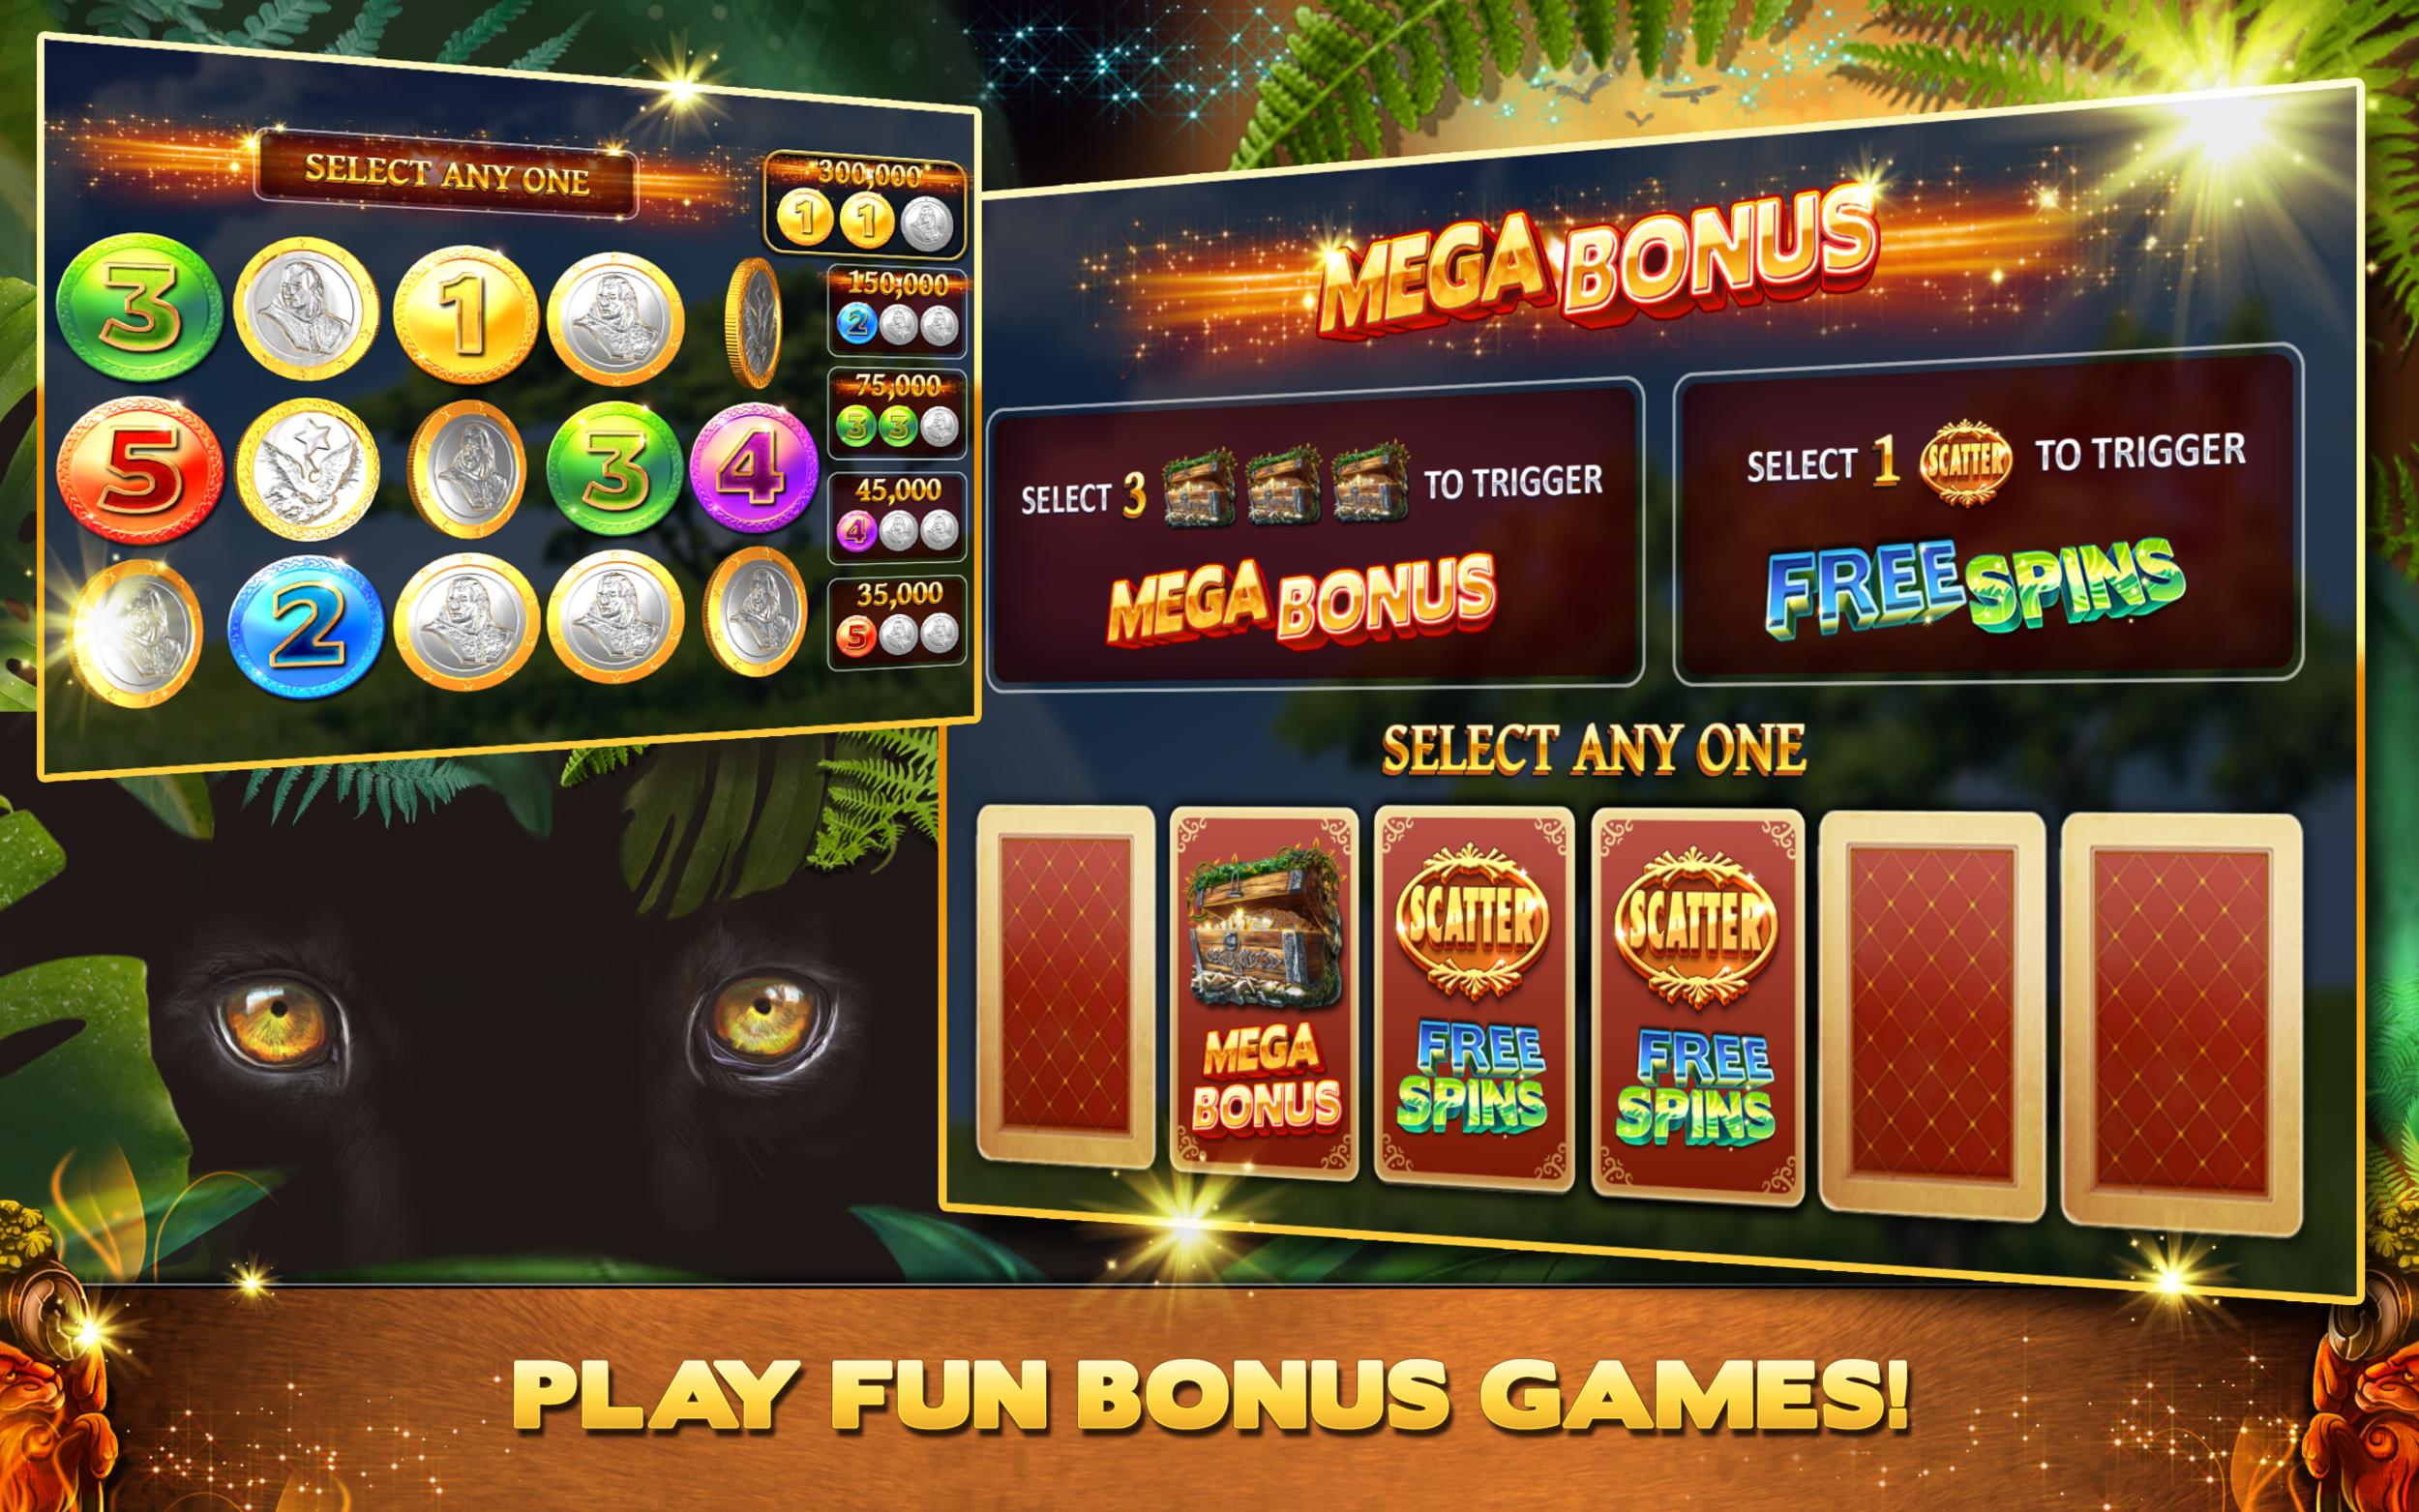 2560_1600_screen_05_bonus_games.png